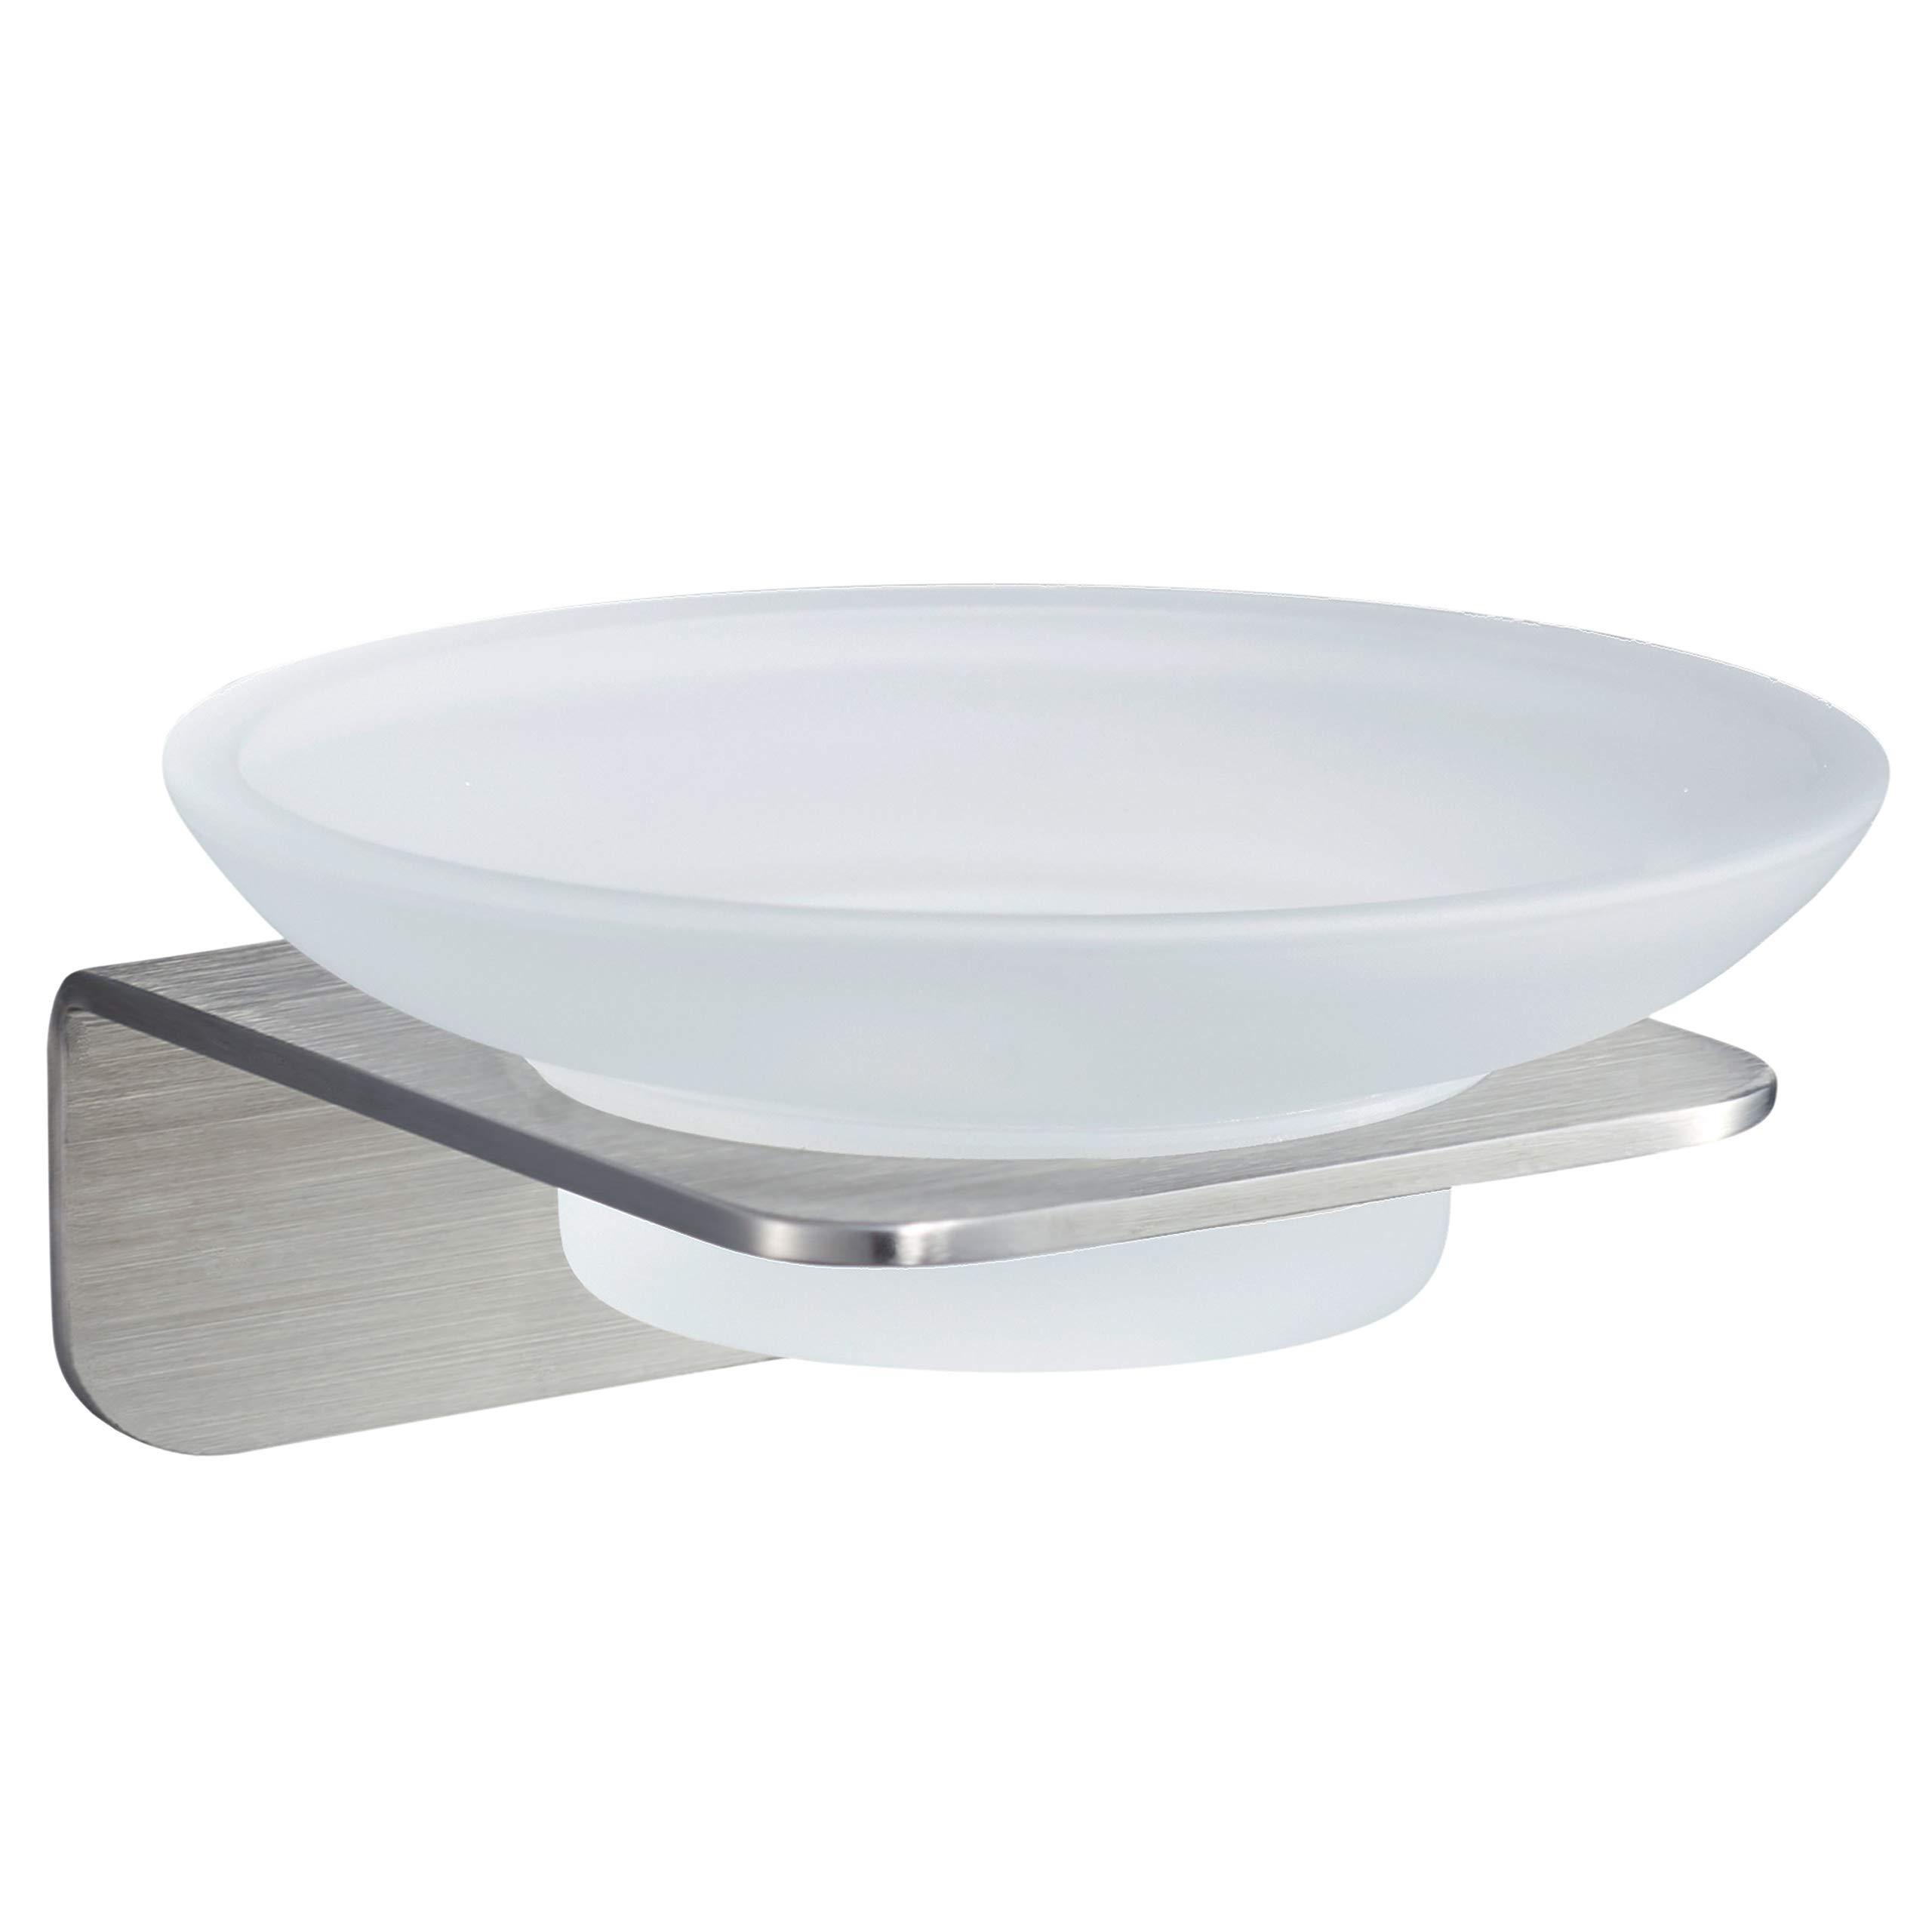 WEISSENSTEIN Jabonera de baño Pared Adhesiva | Soporte para jabón de Vidrio y Acero Inoxidable |